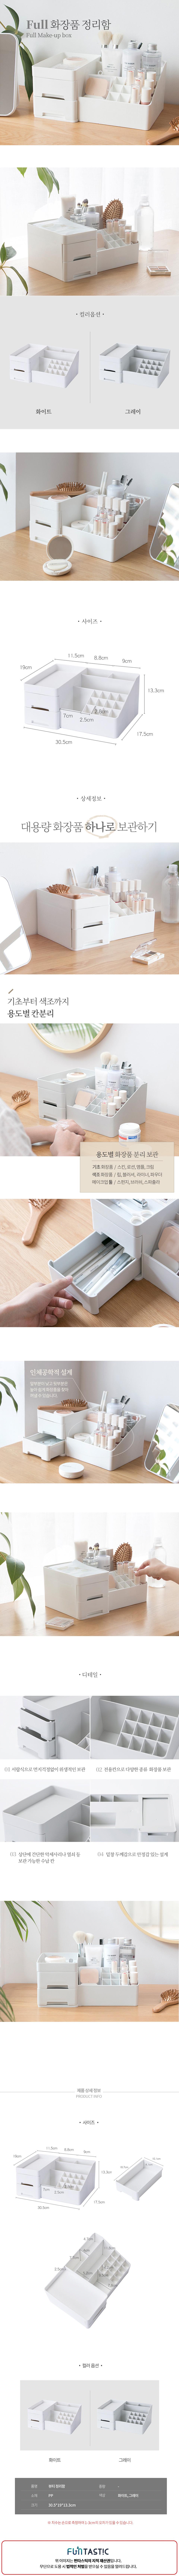 악세서리 화장품 수납 Full 정리함 - 옐로우랩, 16,900원, 보관함/진열대, 주얼리보관함